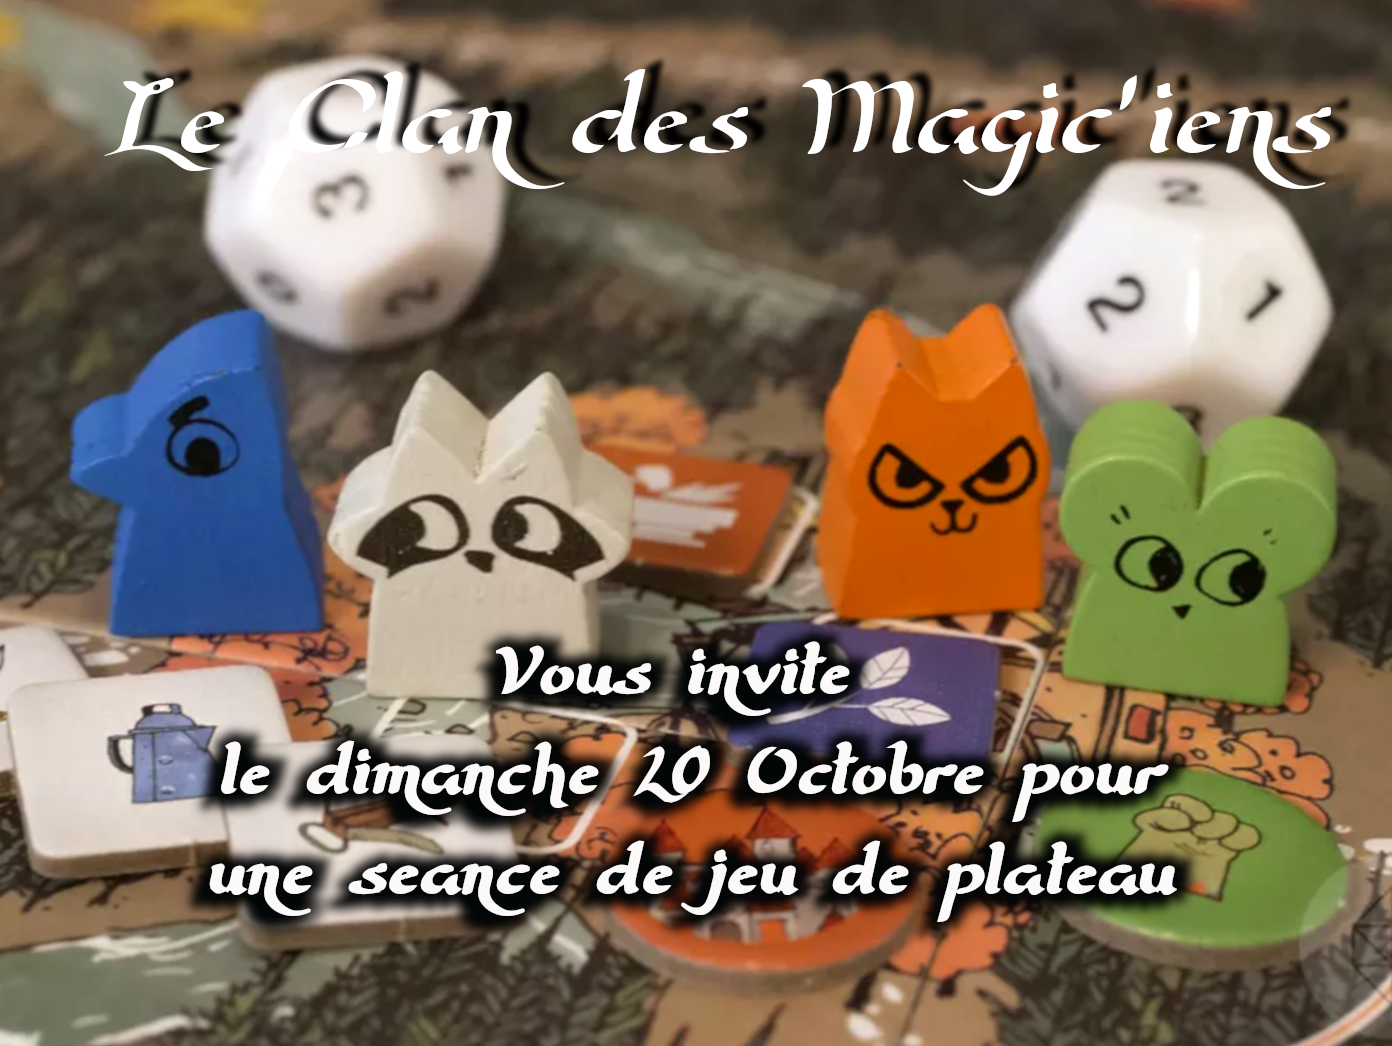 Dimanche 20 Octobre : Jeux de plateaux à partir de 14h Mqde1